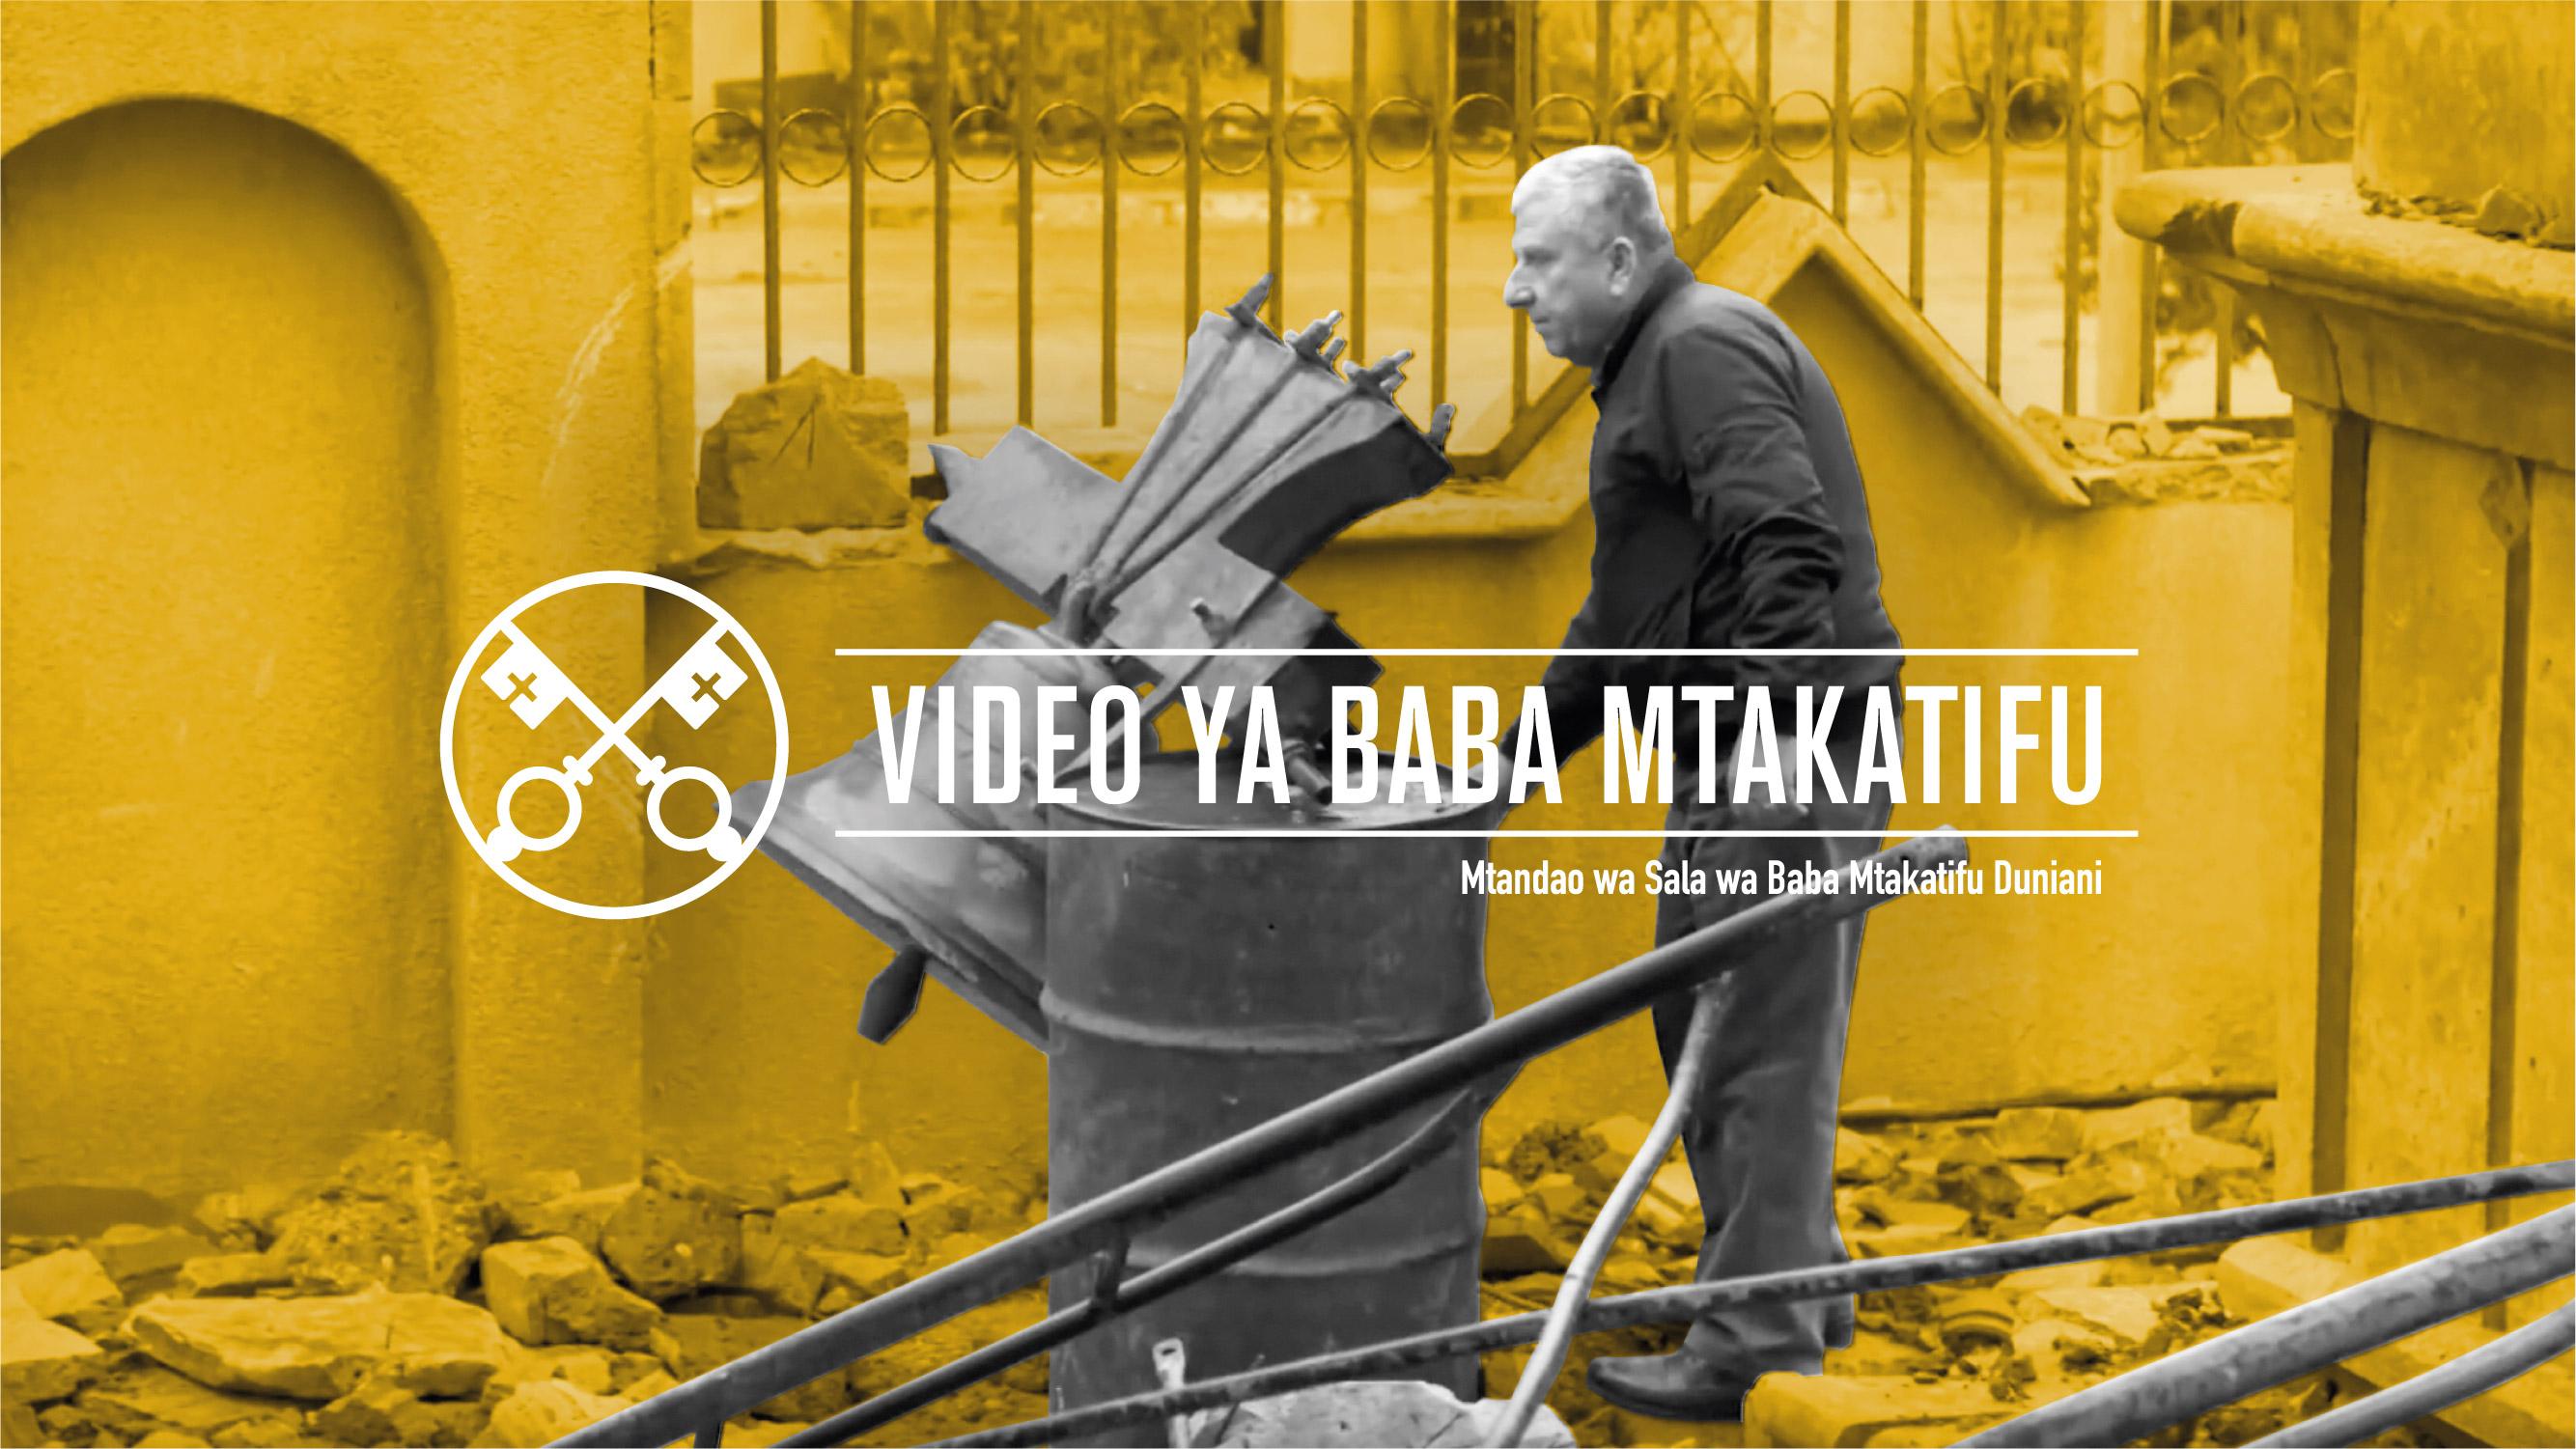 Kuandamana: Utambuzi wa Haki za Jumuiya za Kikristo